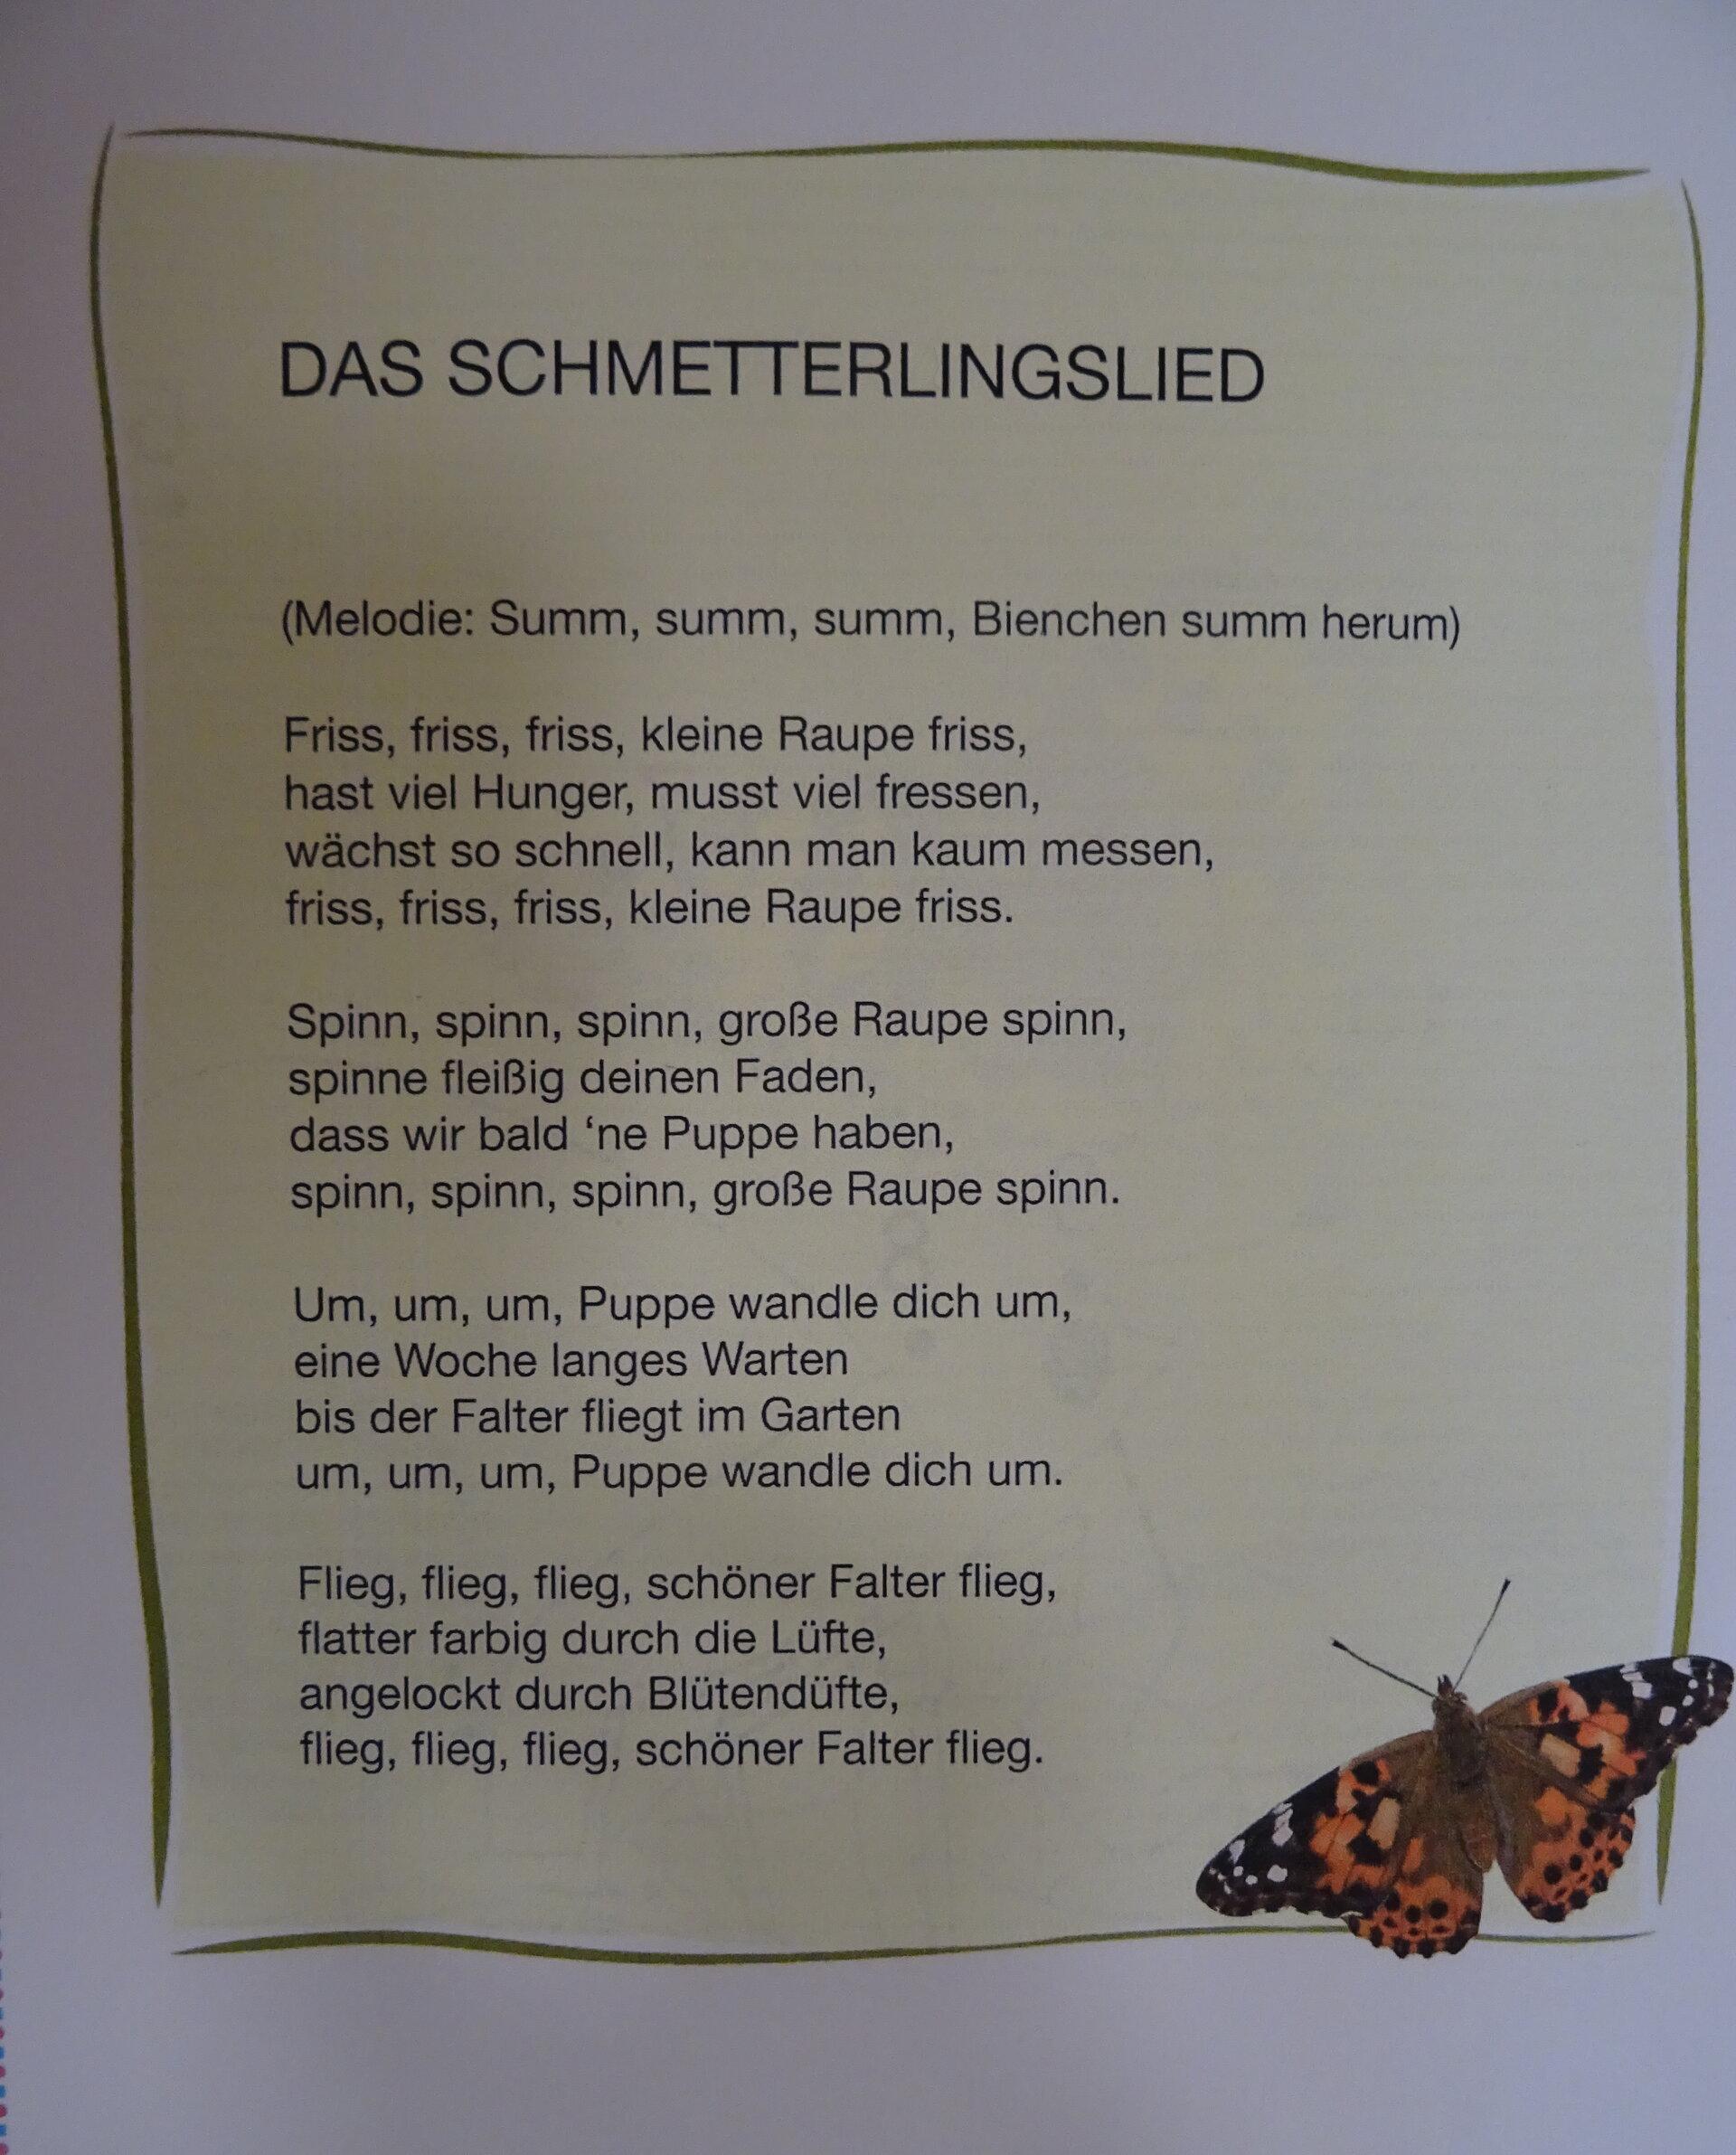 Schmetterlingslied